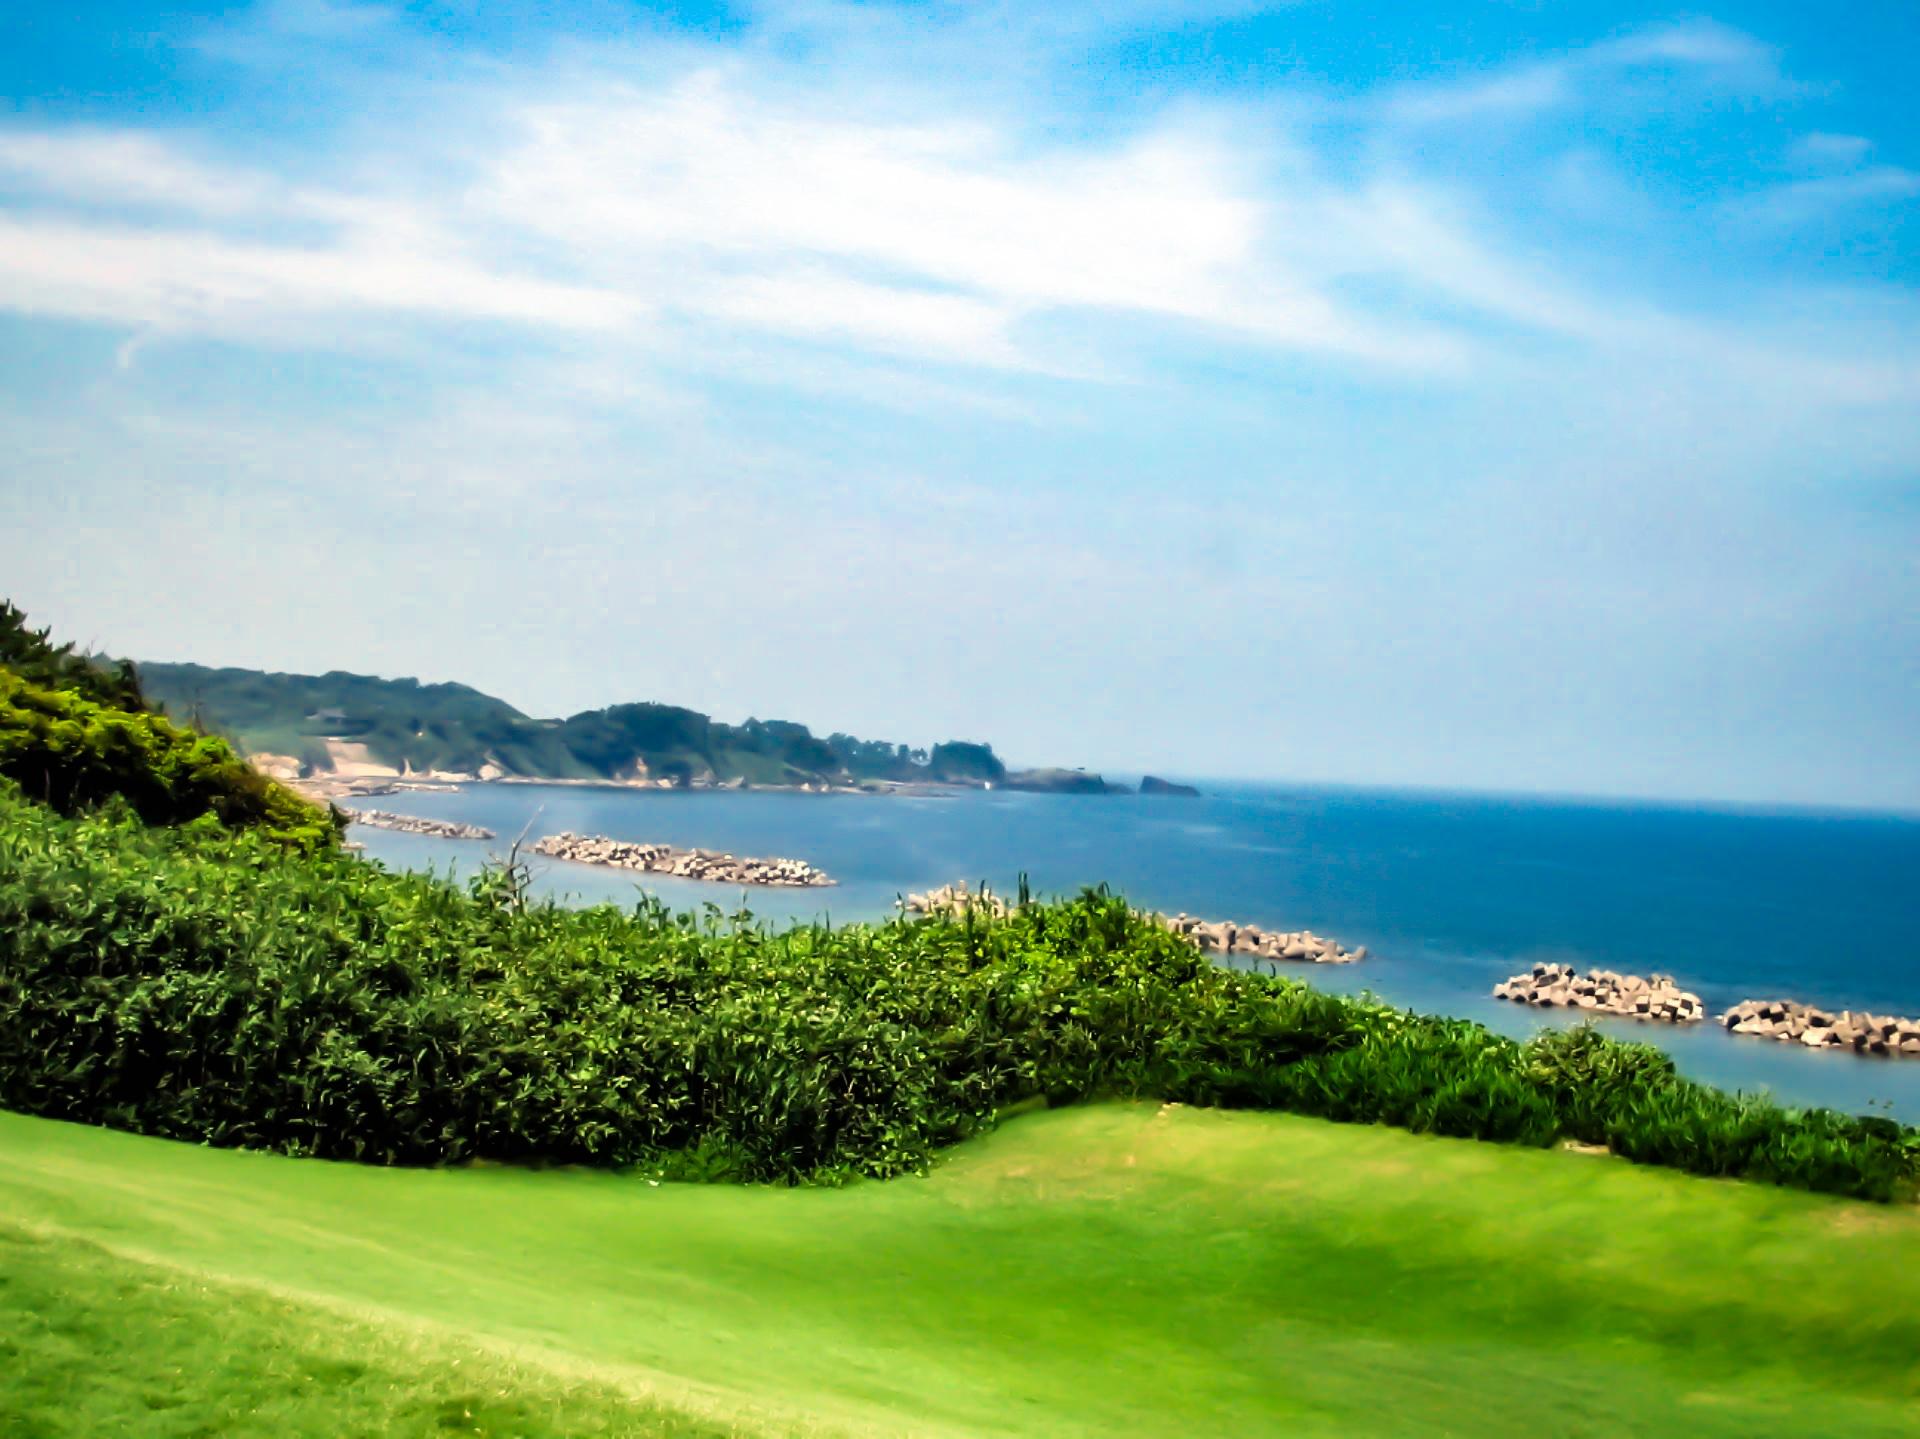 福井県の海岸